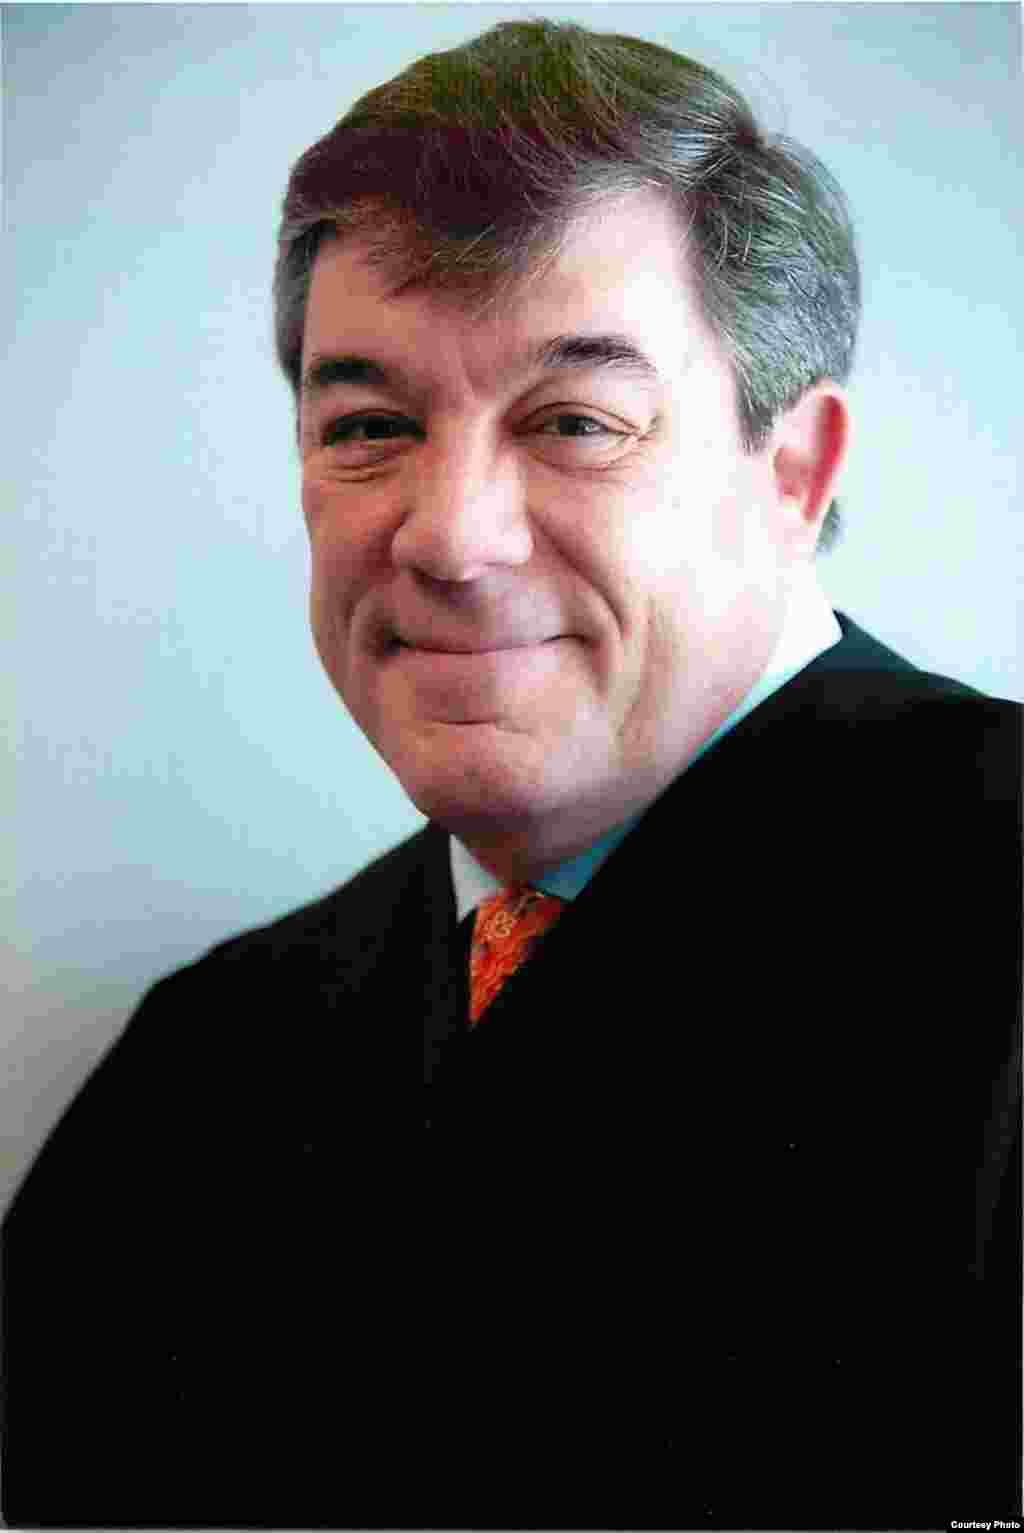 Juez Adalberto Jordan